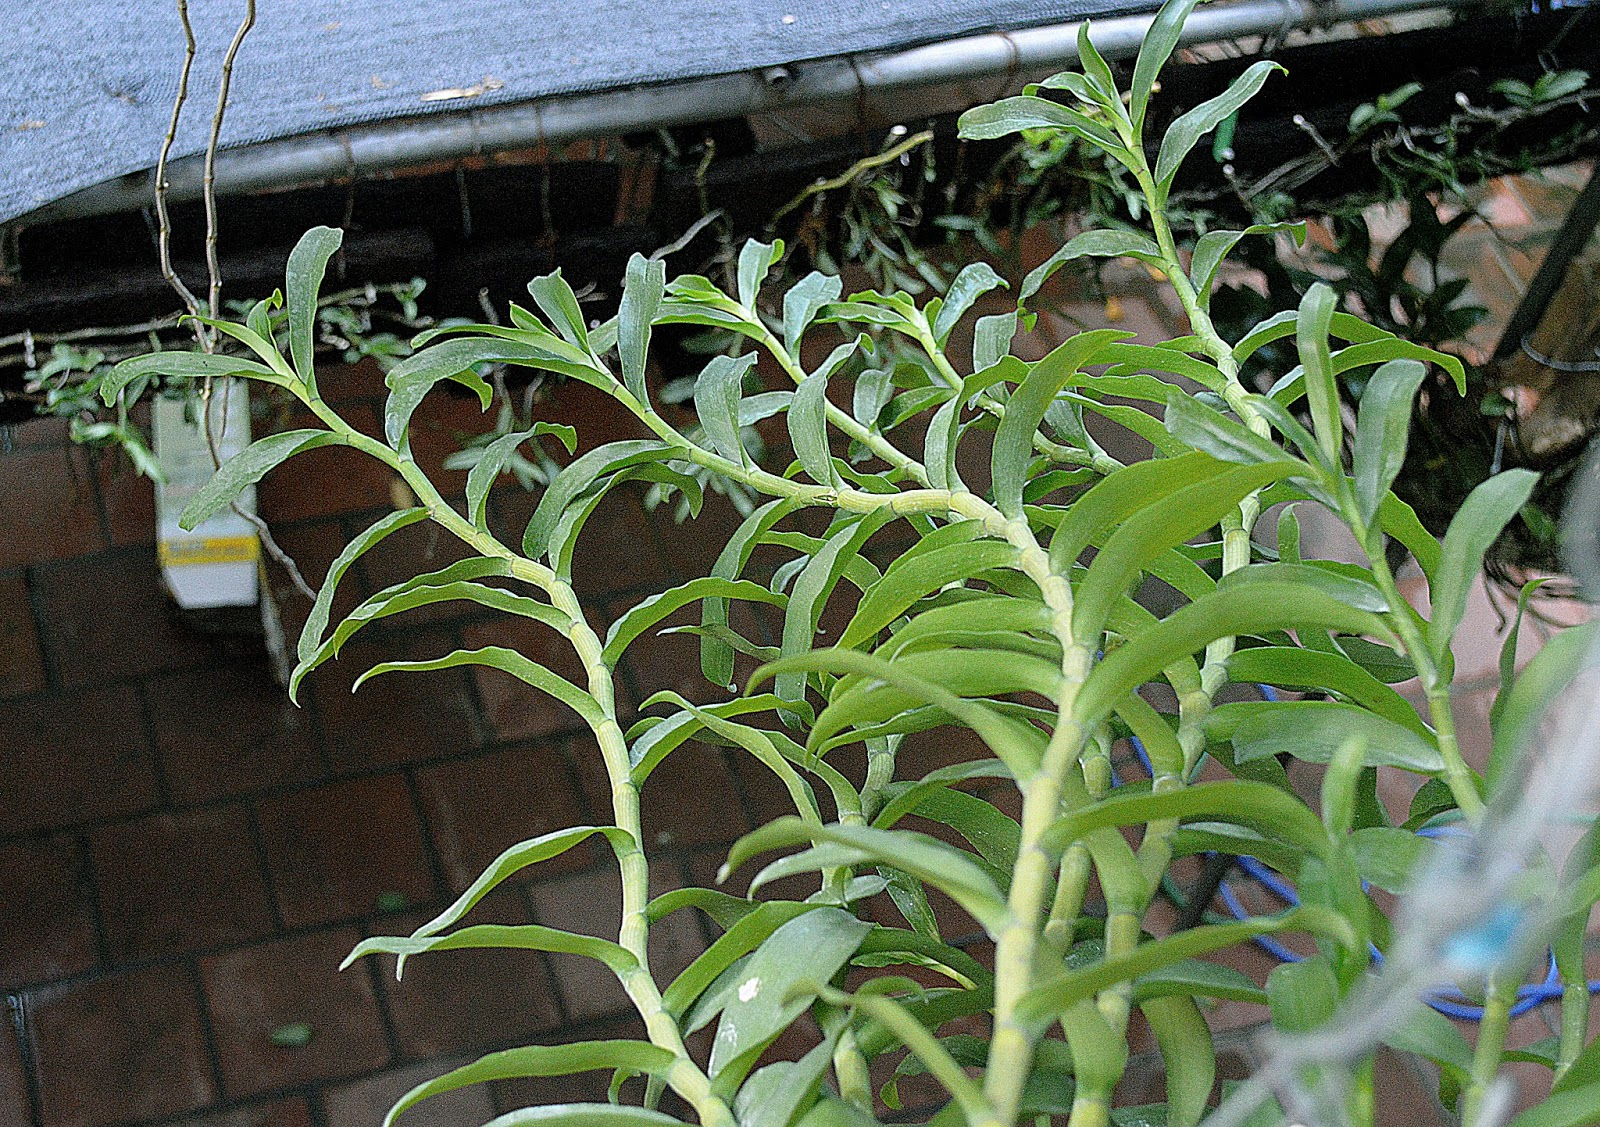 ... LAN PHI ĐIỆP: Có tên khác là Dã hạc, Giả hạc ( tên khoa học :Dendrobium anosmum)